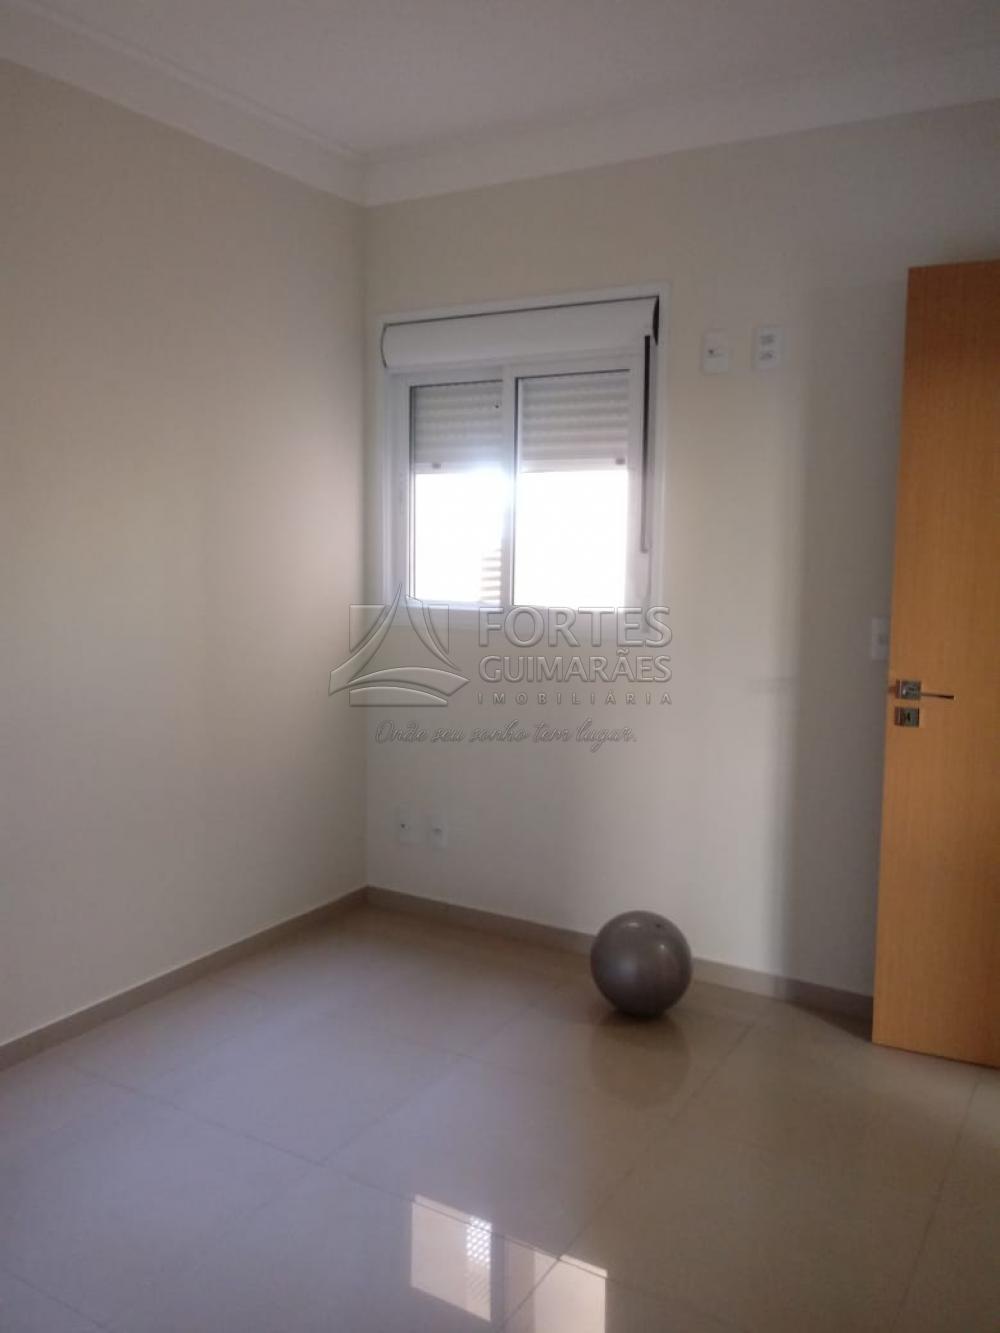 Alugar Apartamentos / Padrão em Ribeirão Preto apenas R$ 3.200,00 - Foto 18